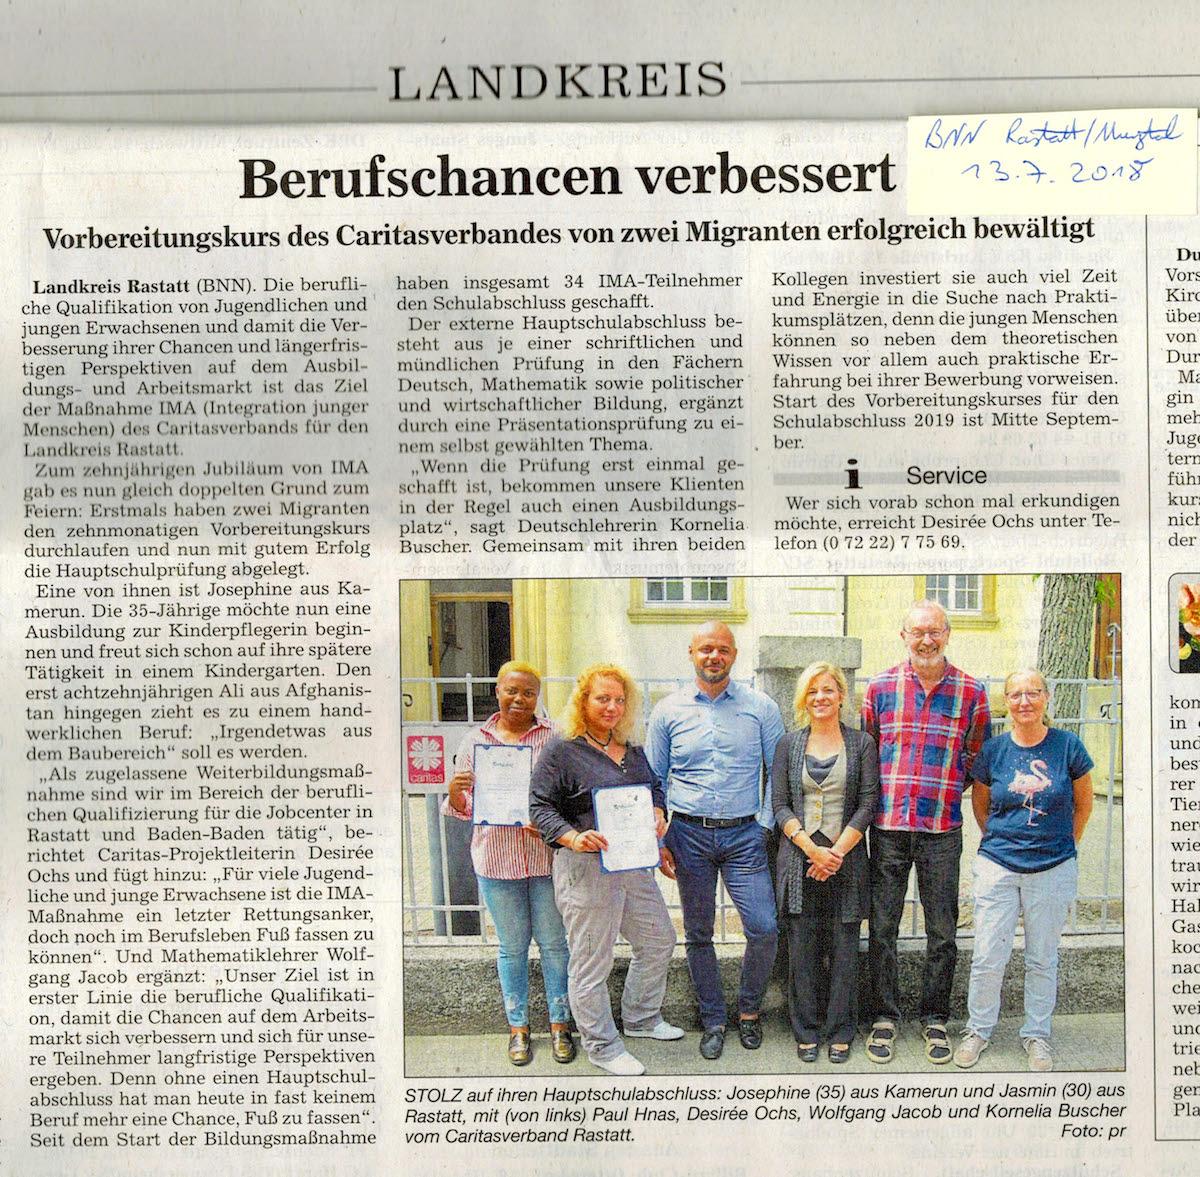 BNN Rastatt/Murgtal 13.07.2018 Berufschancen verbessert